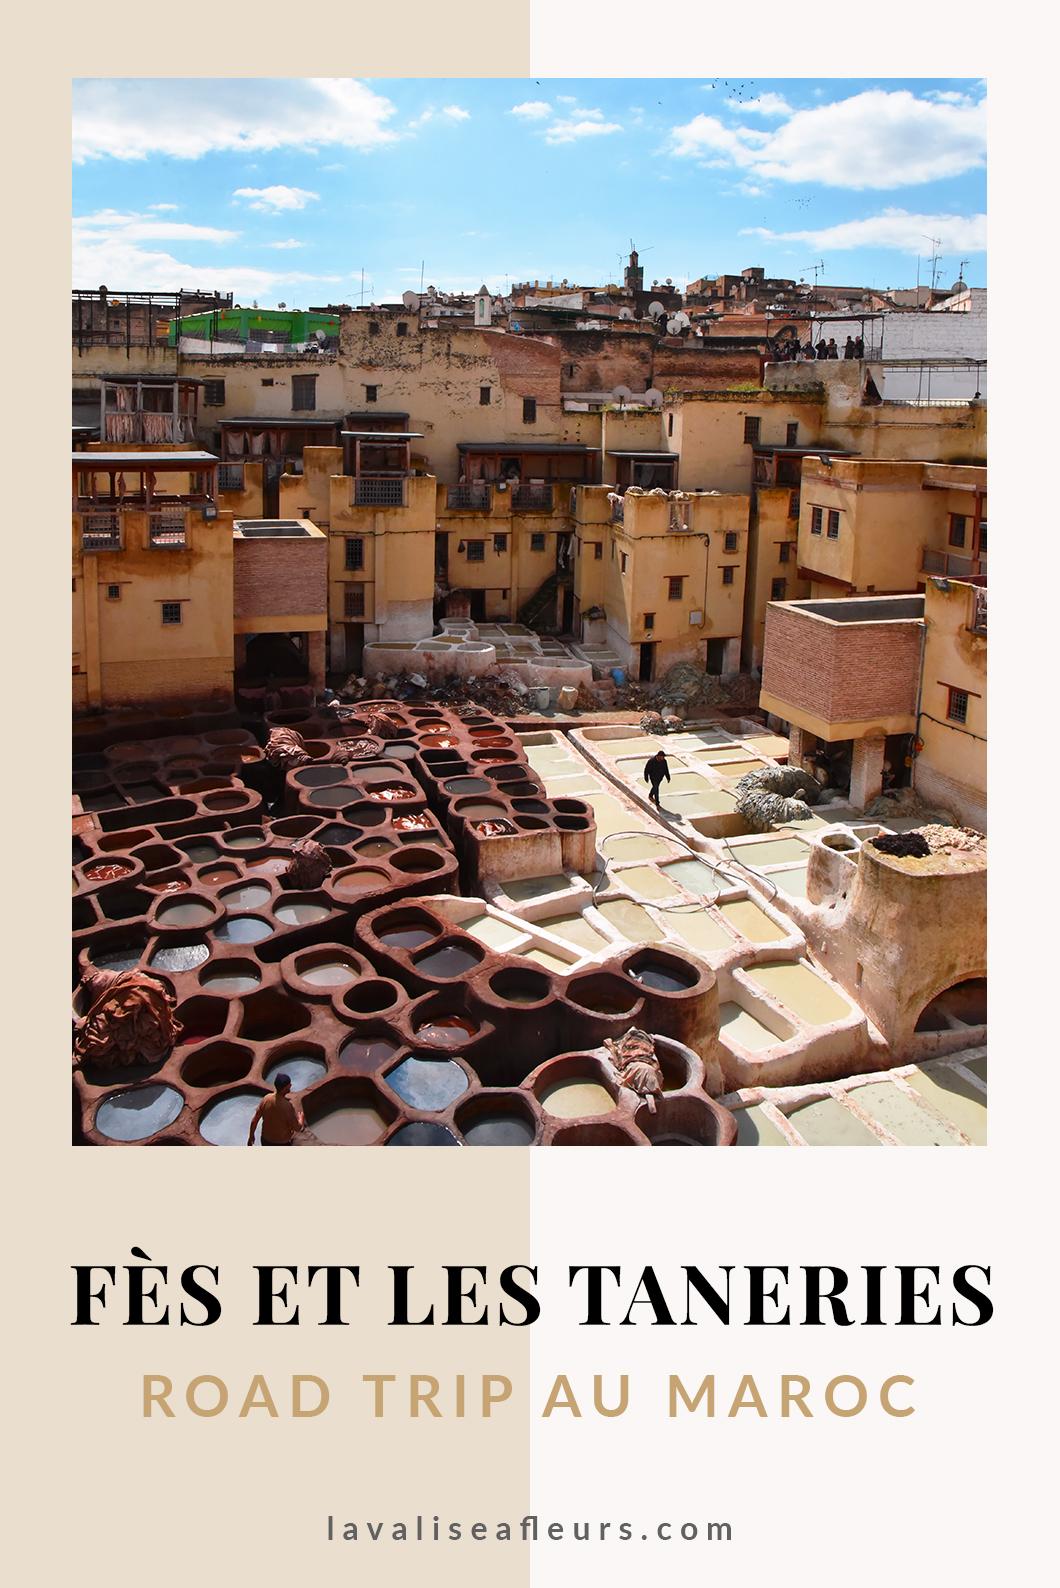 Fès et ses tanneries, road trip au Maroc